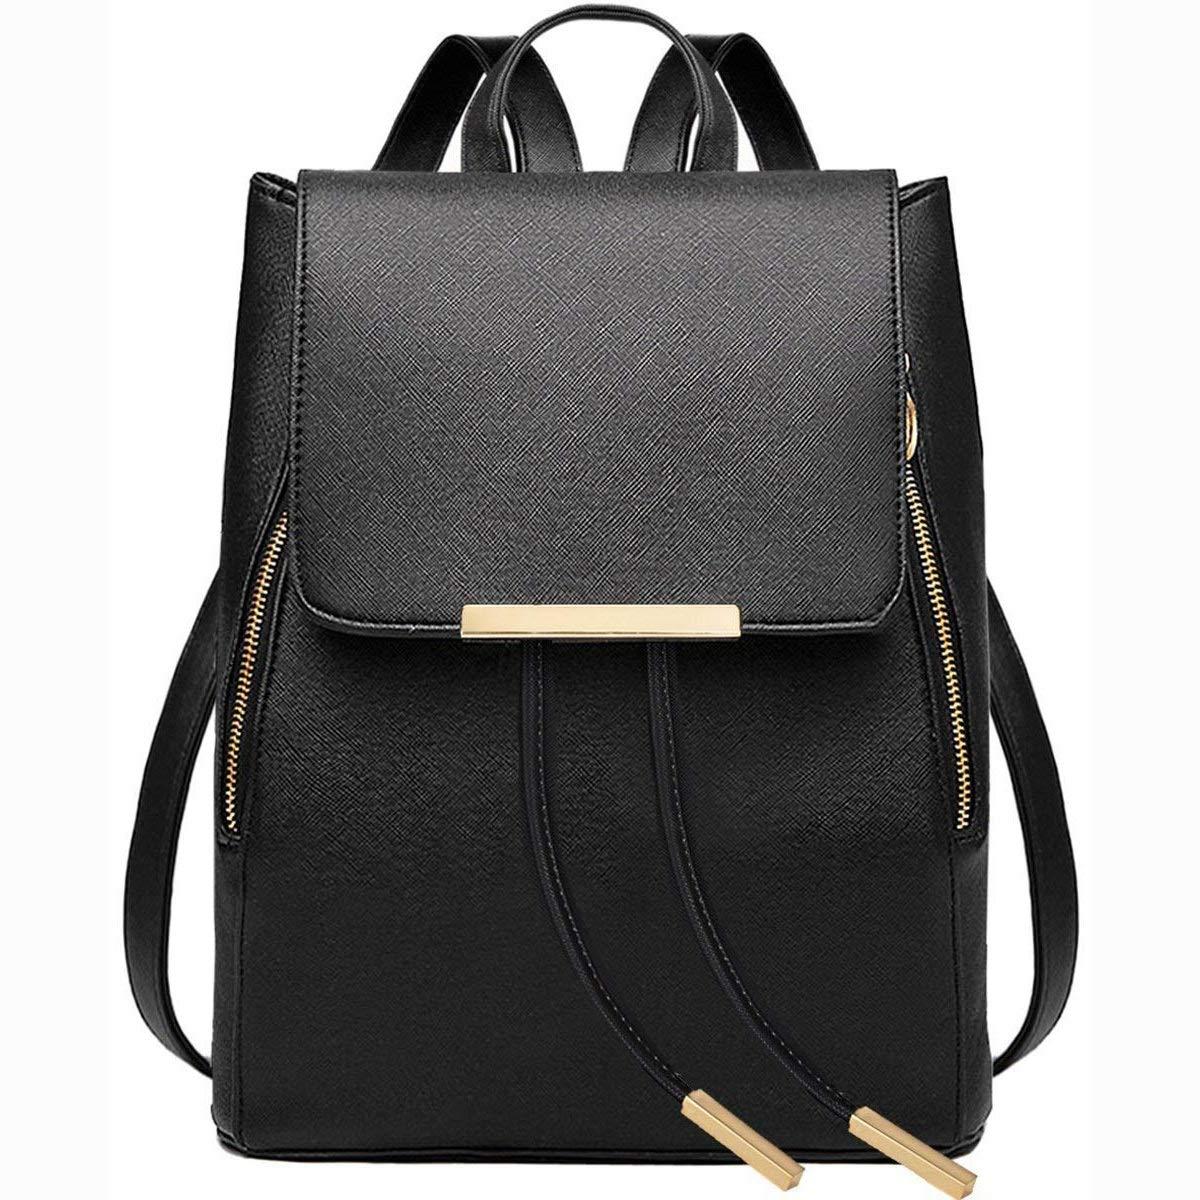 63606788b0 XHHWZB borsa borsa borsa a tracolla di modo delle donne delle signore delle  ragazze zaino Borsa di viaggio del cuoio dell'unità di elaborazione Zaino  ...